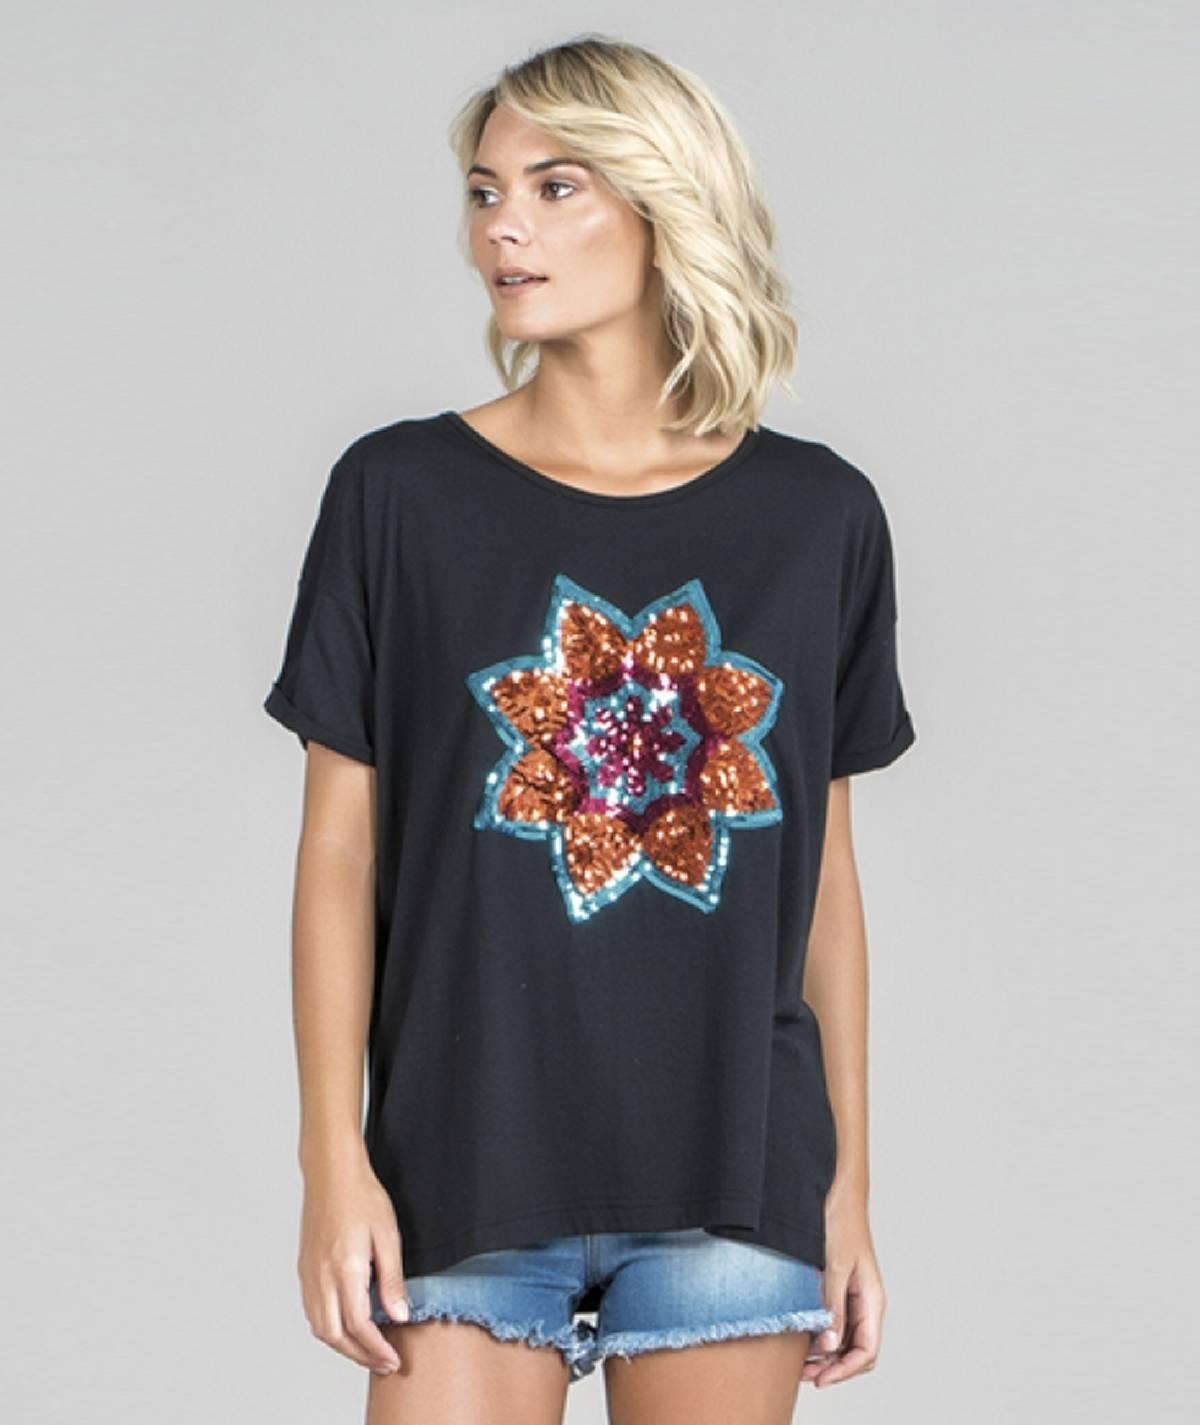 T-shirt motivo mandala